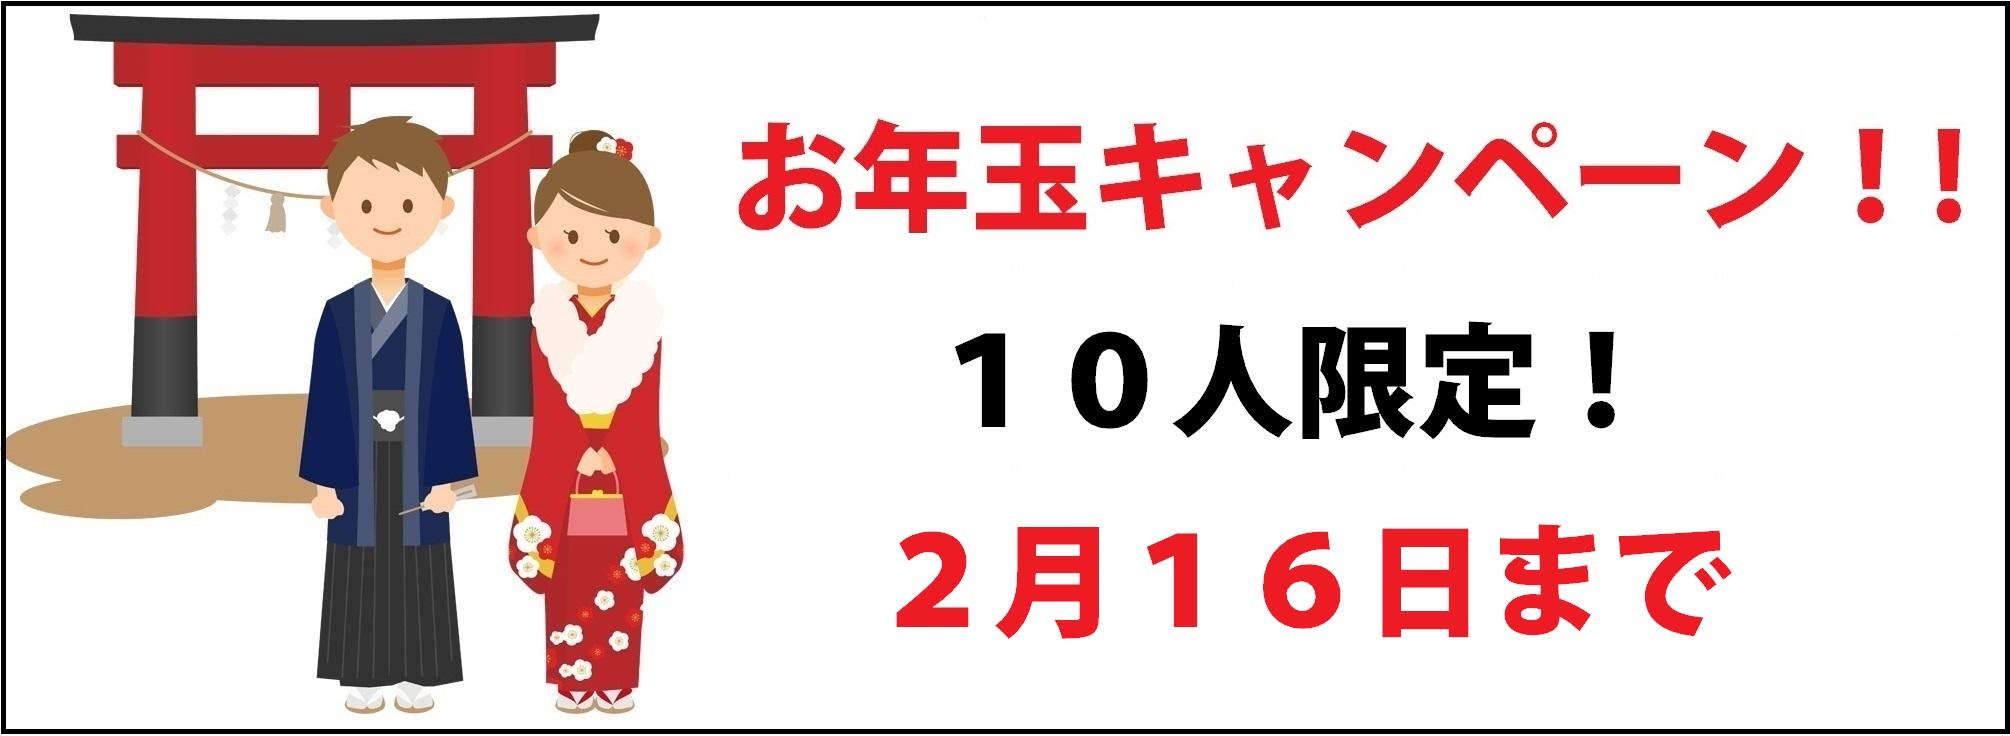 お年玉キャンペーン!!10人限定!2月16日まで